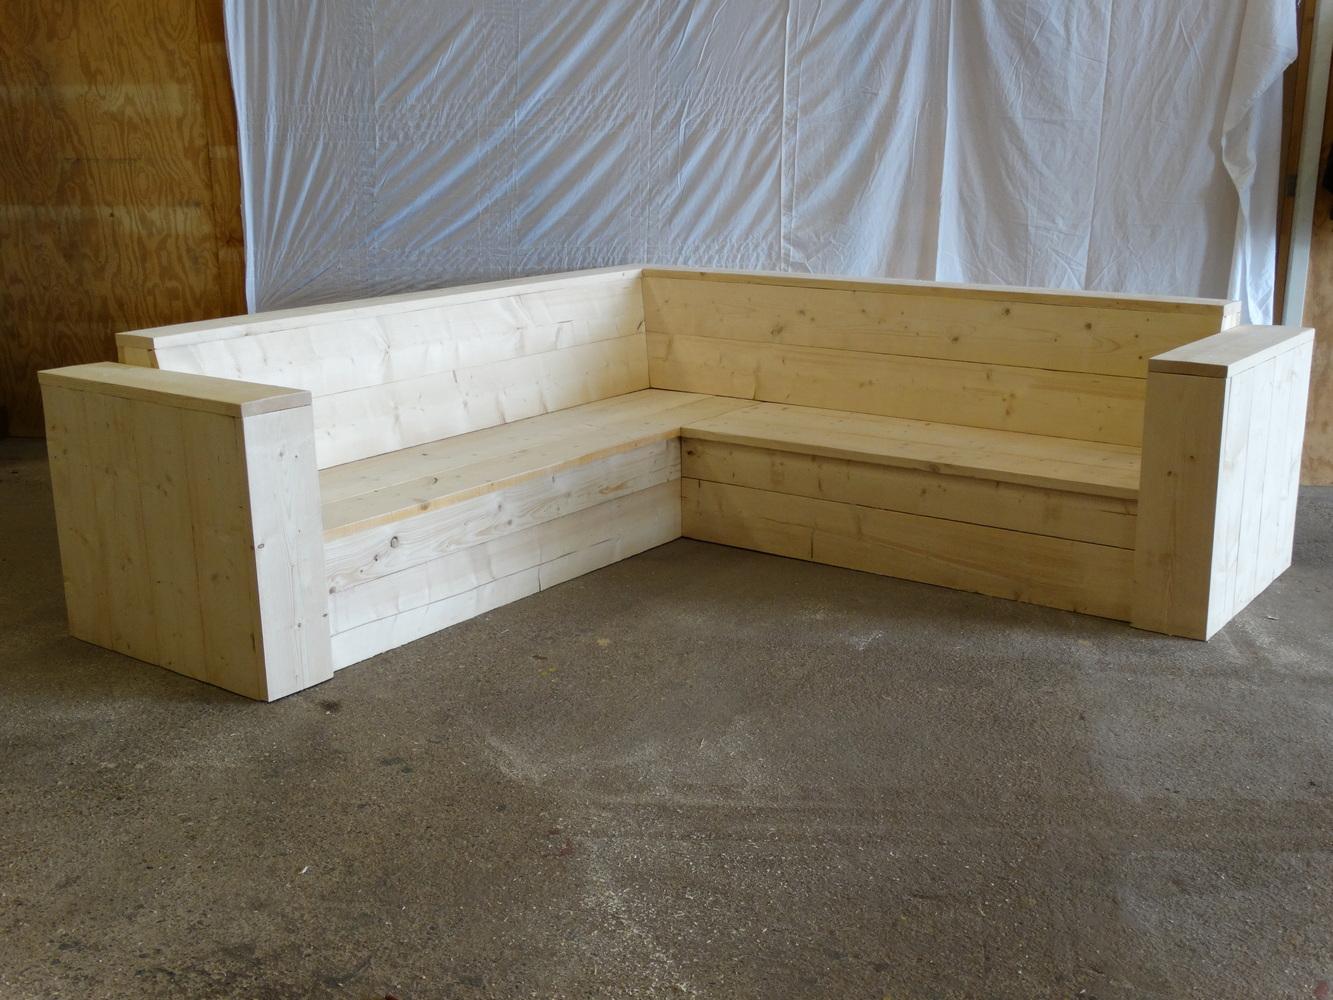 Hoek Loungebank Tuin : Hoek loungebank met plantenbak loungebanken edan tuin accessoires